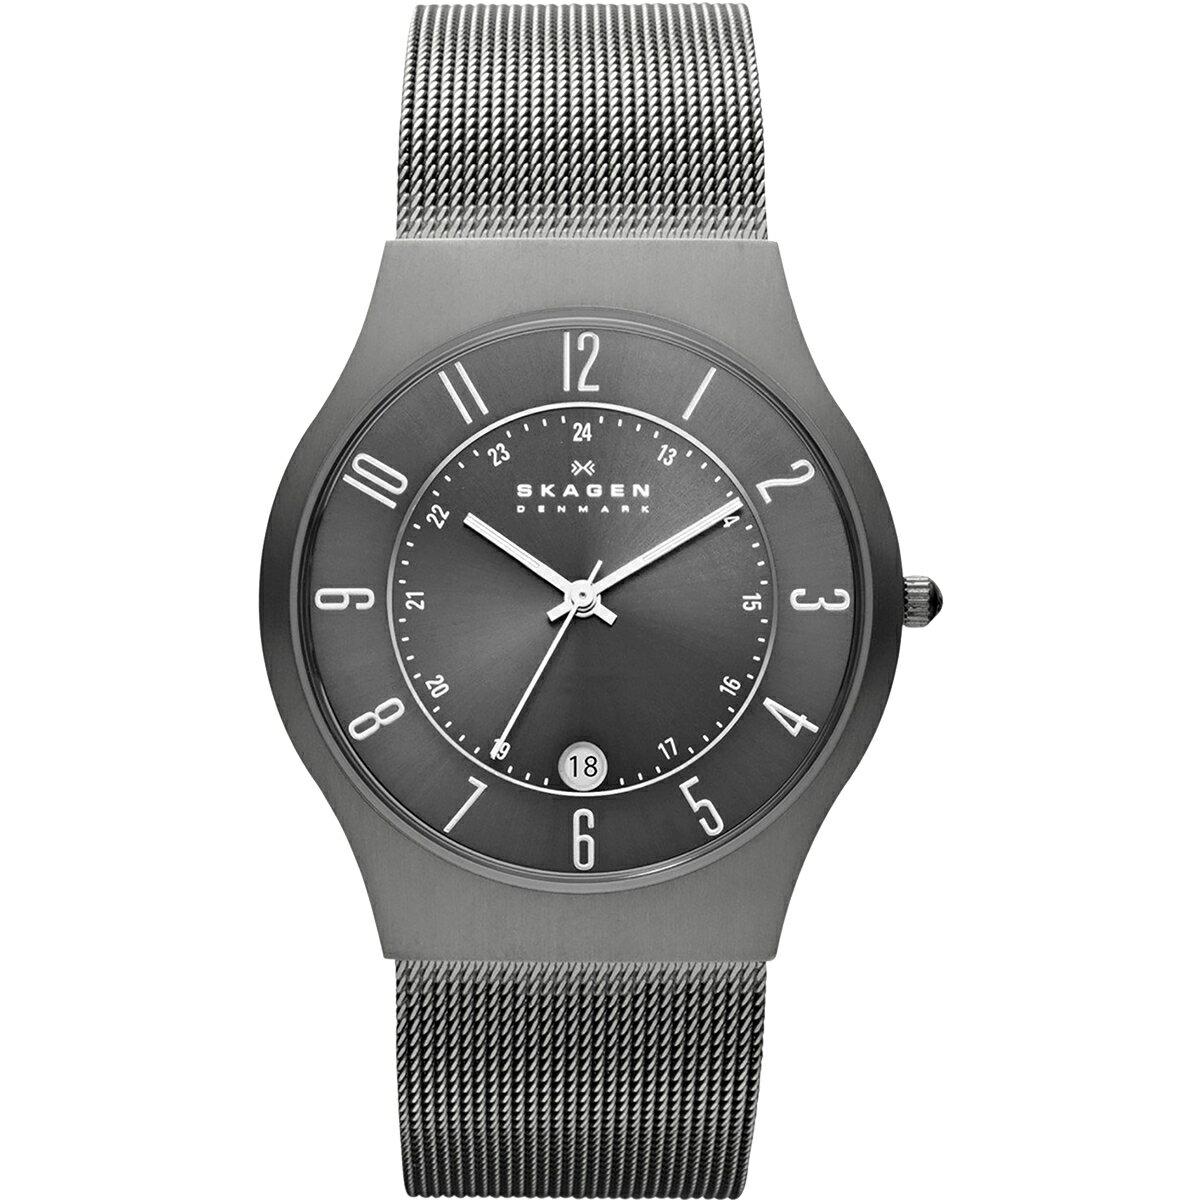 SKAGEN スカーゲン 233XLTTM 時計 腕時計 メンズ レディース ユニセックス 北欧 スリム プレゼント ギフト [海外正規商品][送料無料][あす楽]